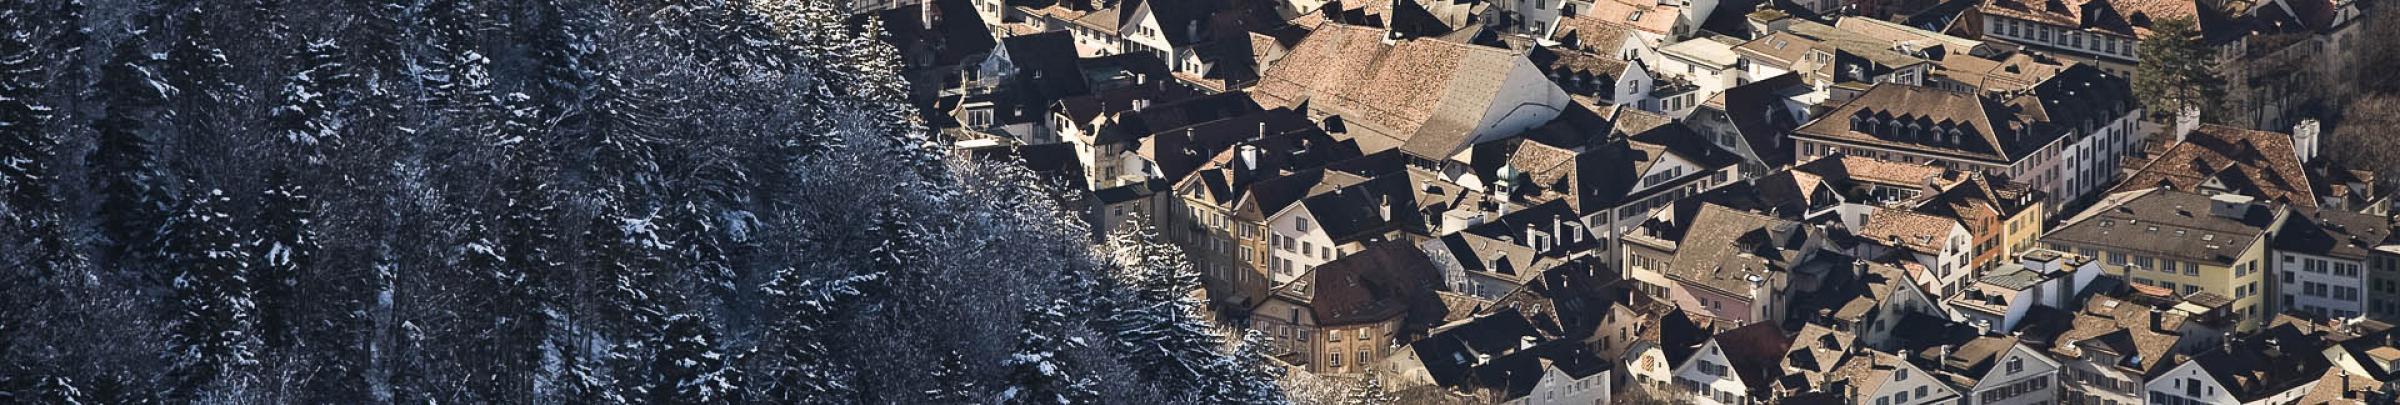 Der Kanton Graubünden unterstützt die Gemeinden und Regionen im Aufbau von Netzwerken, in der Umsetzung von Projekten, mit fachlicher Beratung und Begleitung sowie mit Projektbeiträgen.